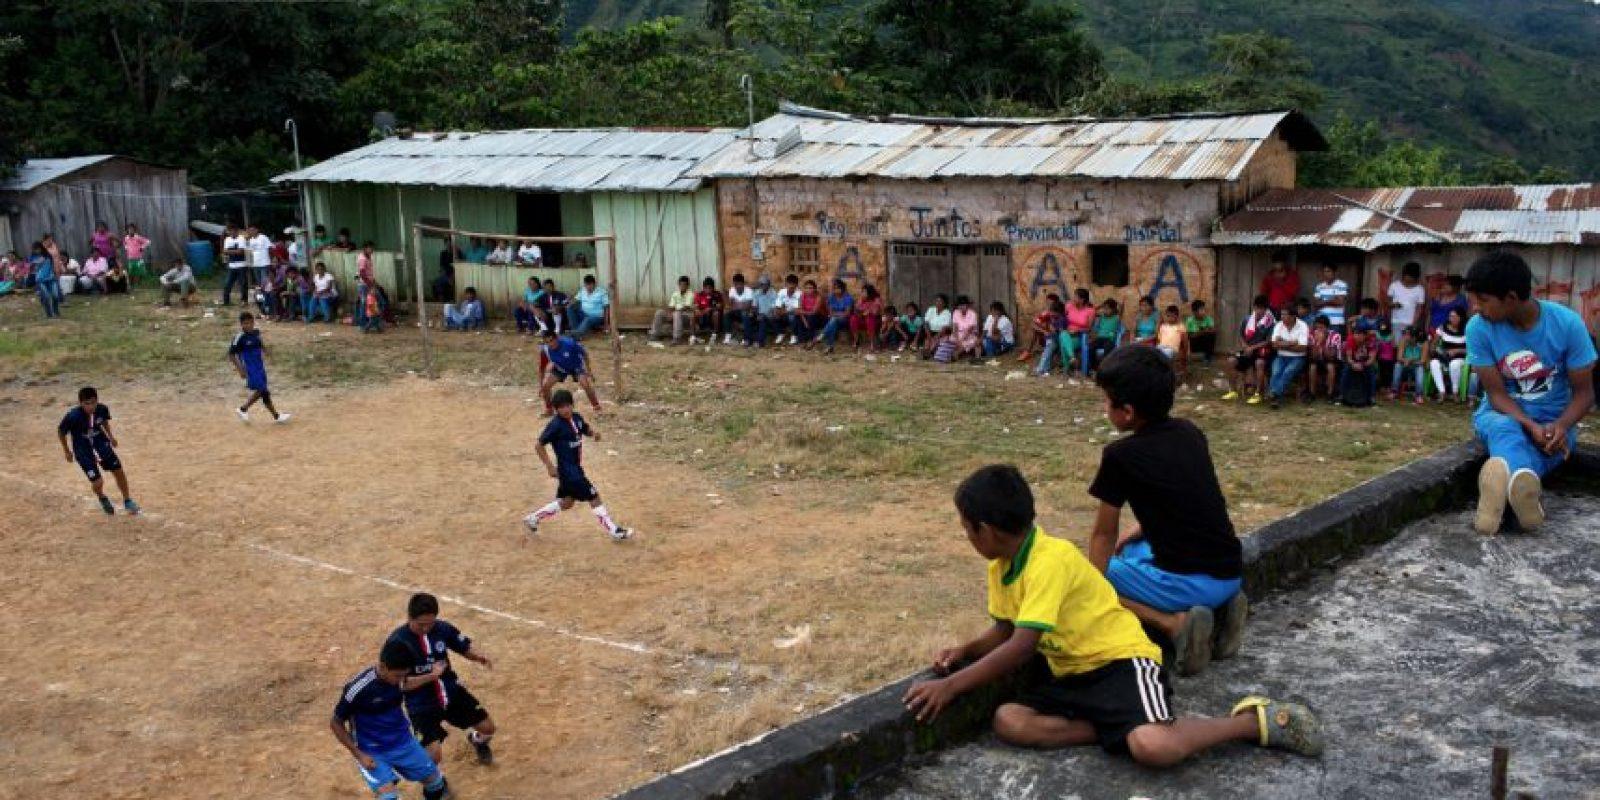 En esta imagen del 15 de marzo de 2015, jóvenes compitiendo en un torneo de fútbol entre varios pueblos en La Mar, provincia de Ayacucho, Perú. Los mochileros, hombres resistentes, son en su mayoría hablantes de quechua como primera lengua y proceden de comunidades aisladas que sufrieron las peores atrocidades de la guerra sucia entre 1980 y 2000 entre Perú y los rebeldes de Sendero Luminoso. Foto:AP Foto/Rodrigo Abd